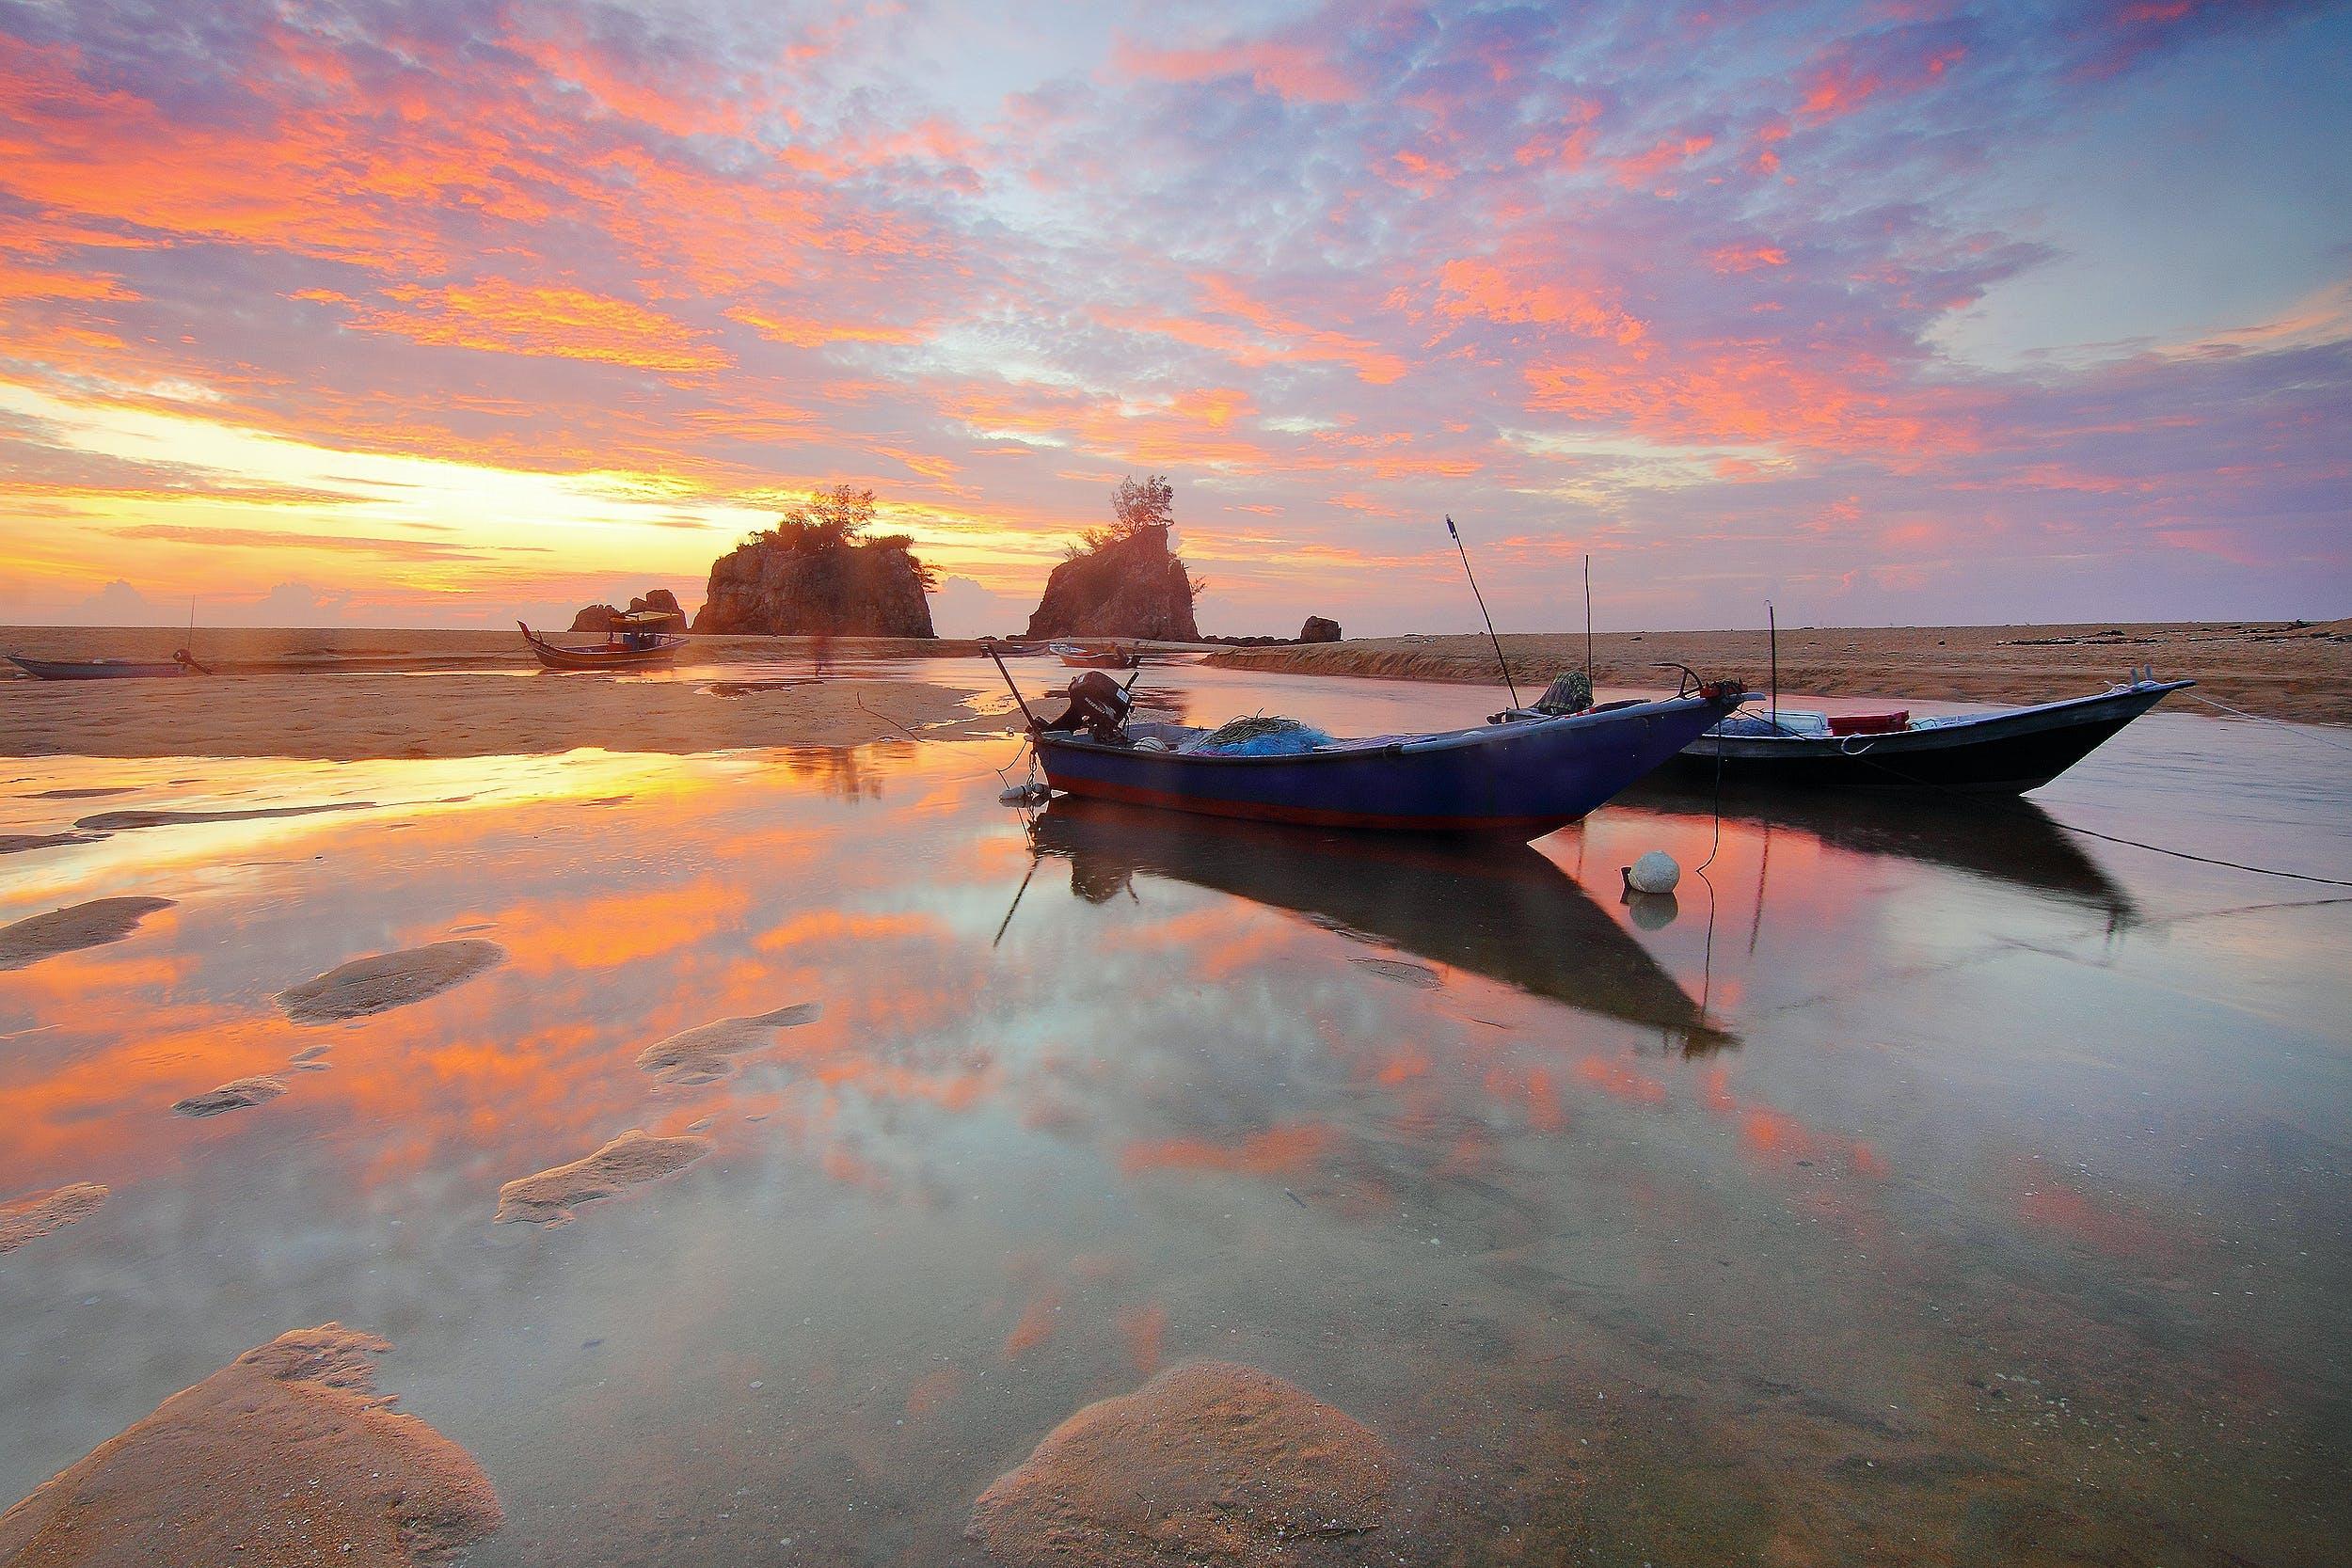 Kostenloses Stock Foto zu dämmerung, himmel, landschaft, meer